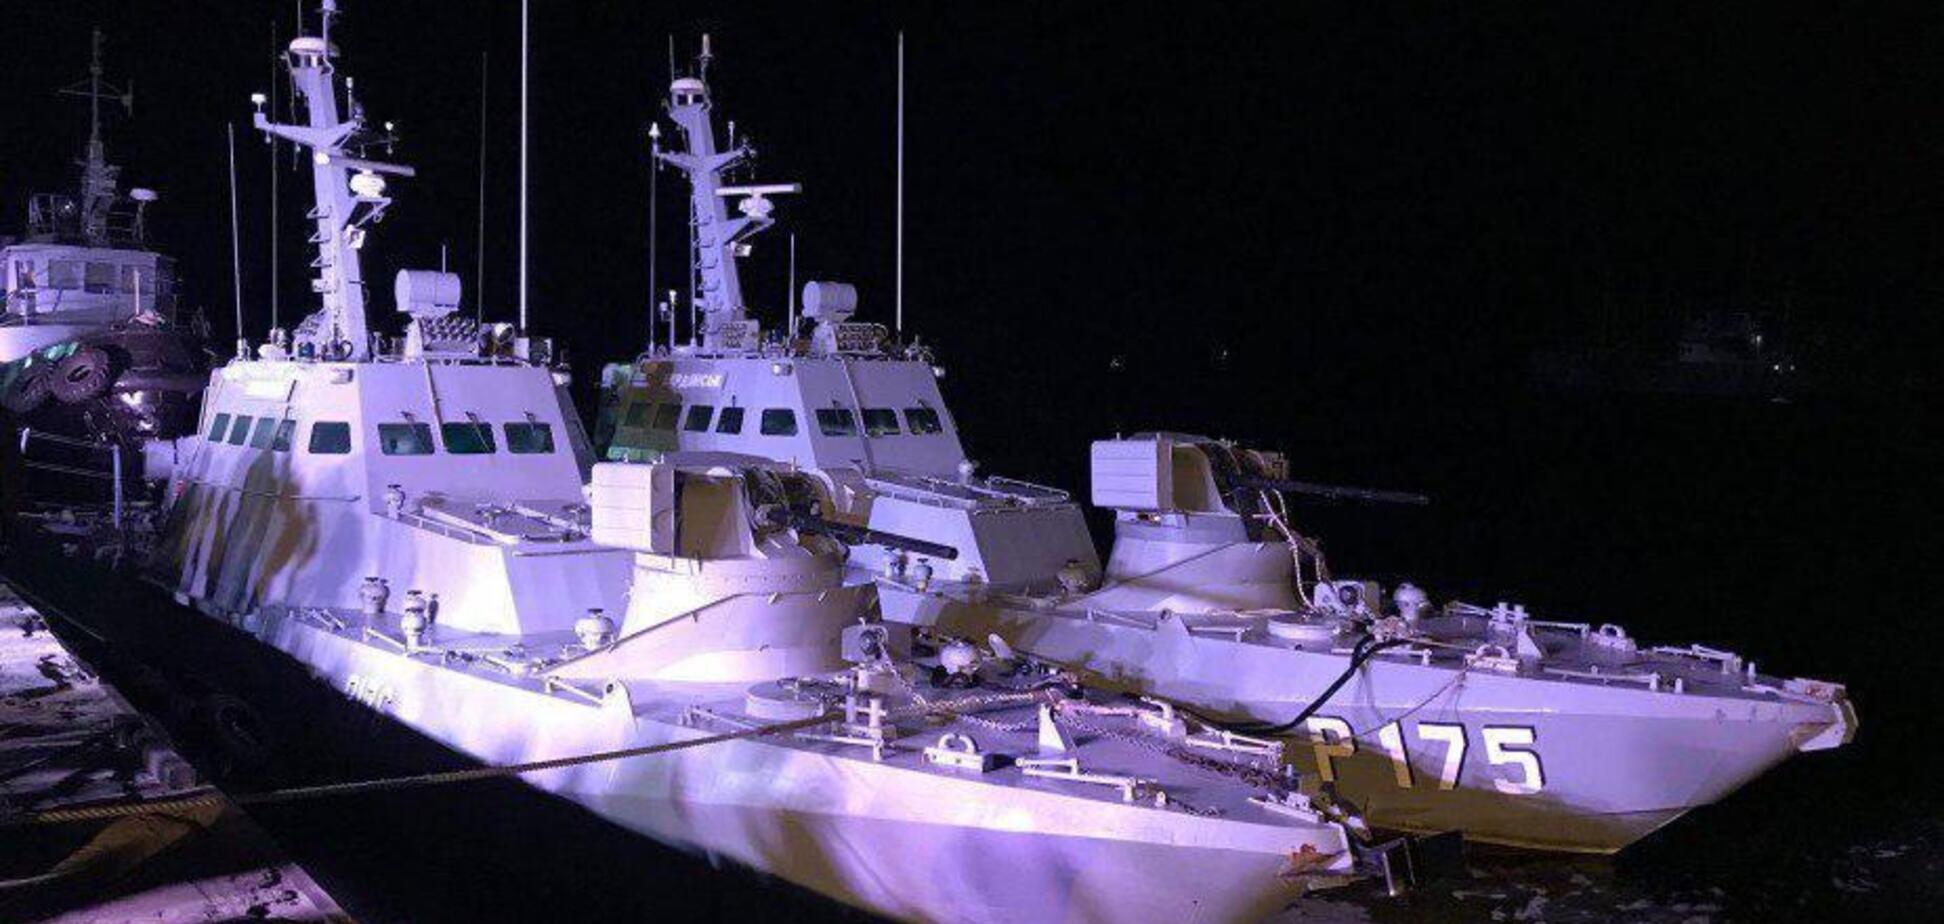 Страшный тюнинг орды: возвращенные украинские корабли показали изнутри